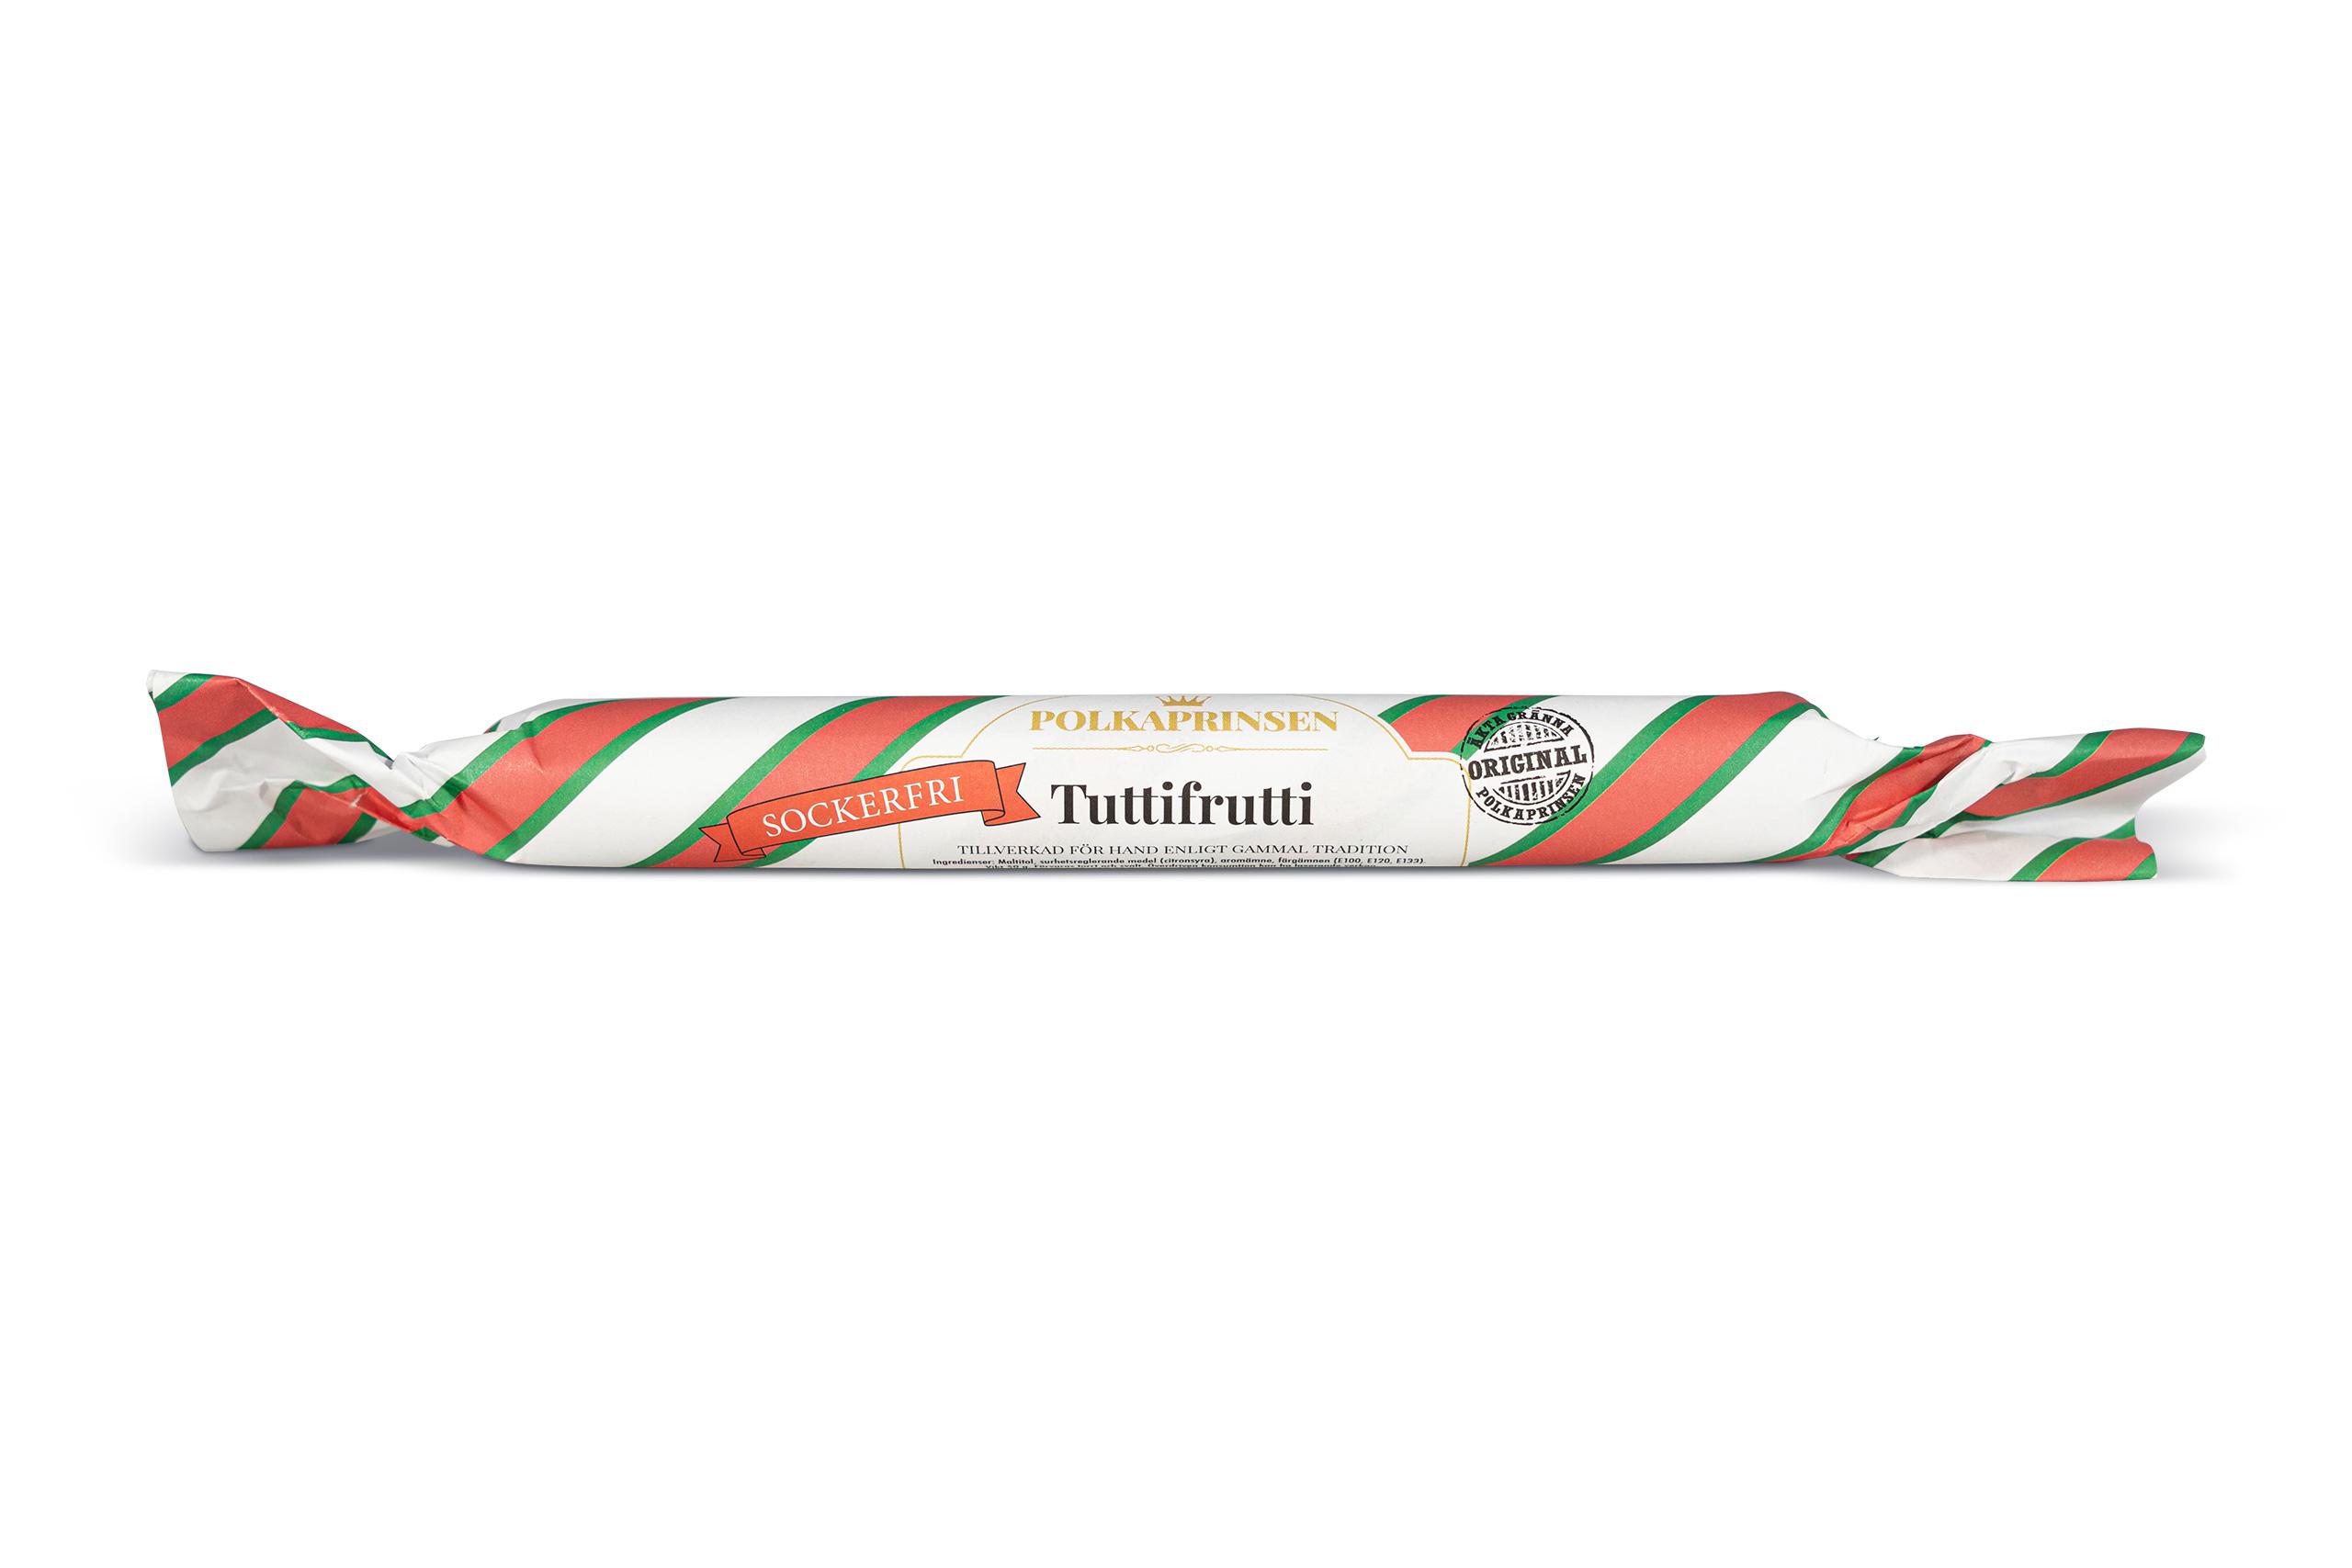 Polkaprinsen Sockerfri Polkagris - Tutti Frutti 50g